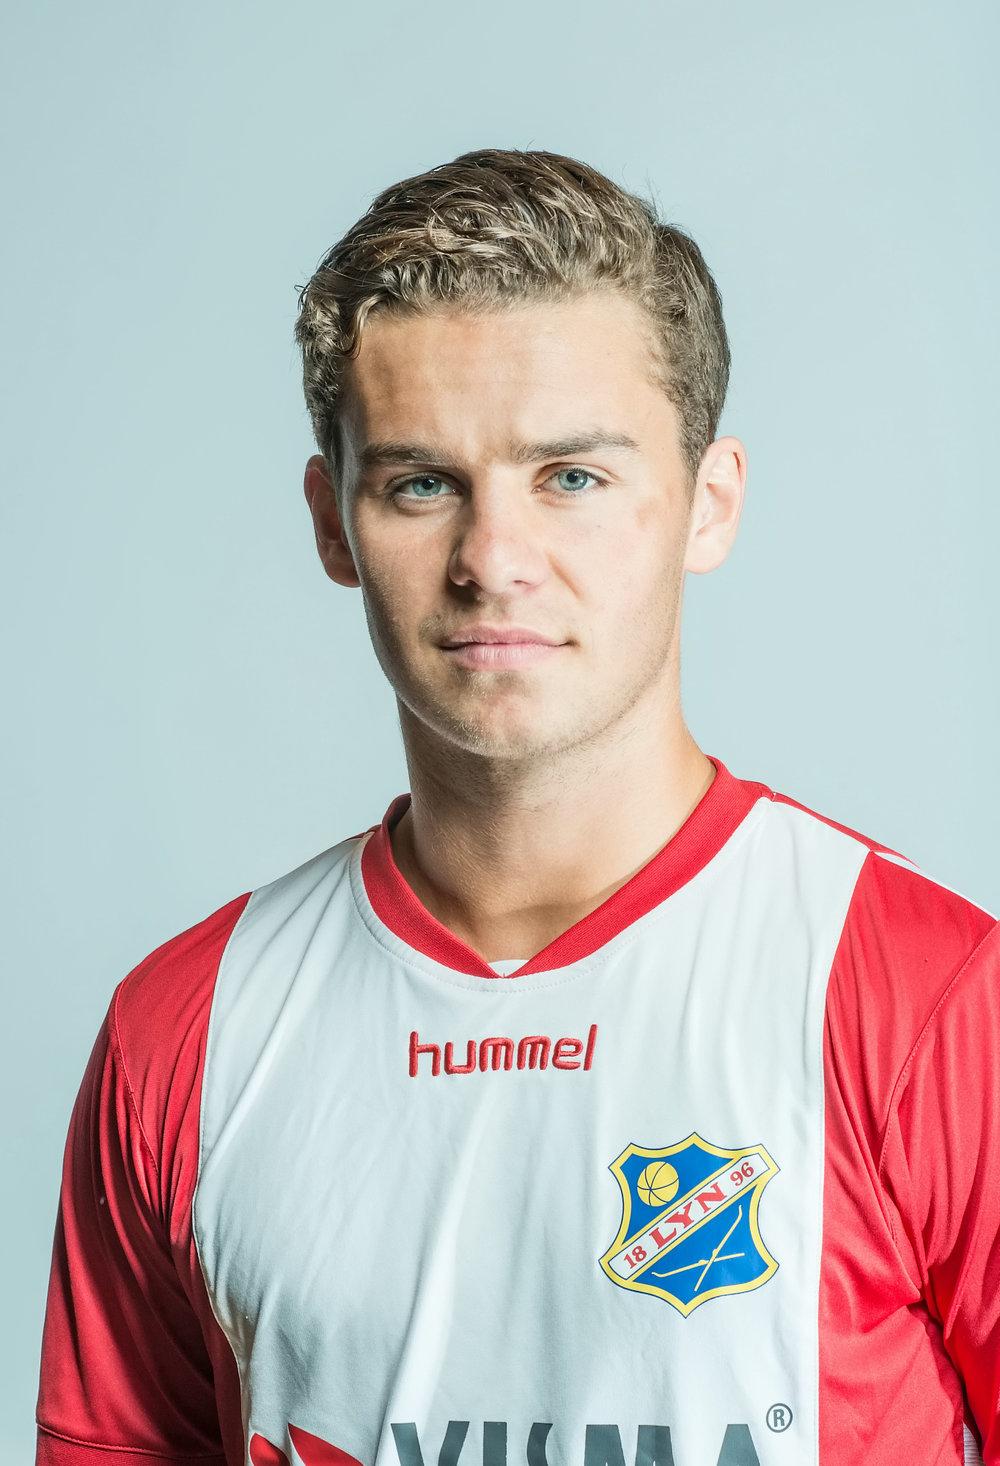 - Bilde kommerFødt: 20.03.1998Fødested: OsloTidligere klubber: StabækPosisjon: MidtbaneKom til Lyn: Juni 2017